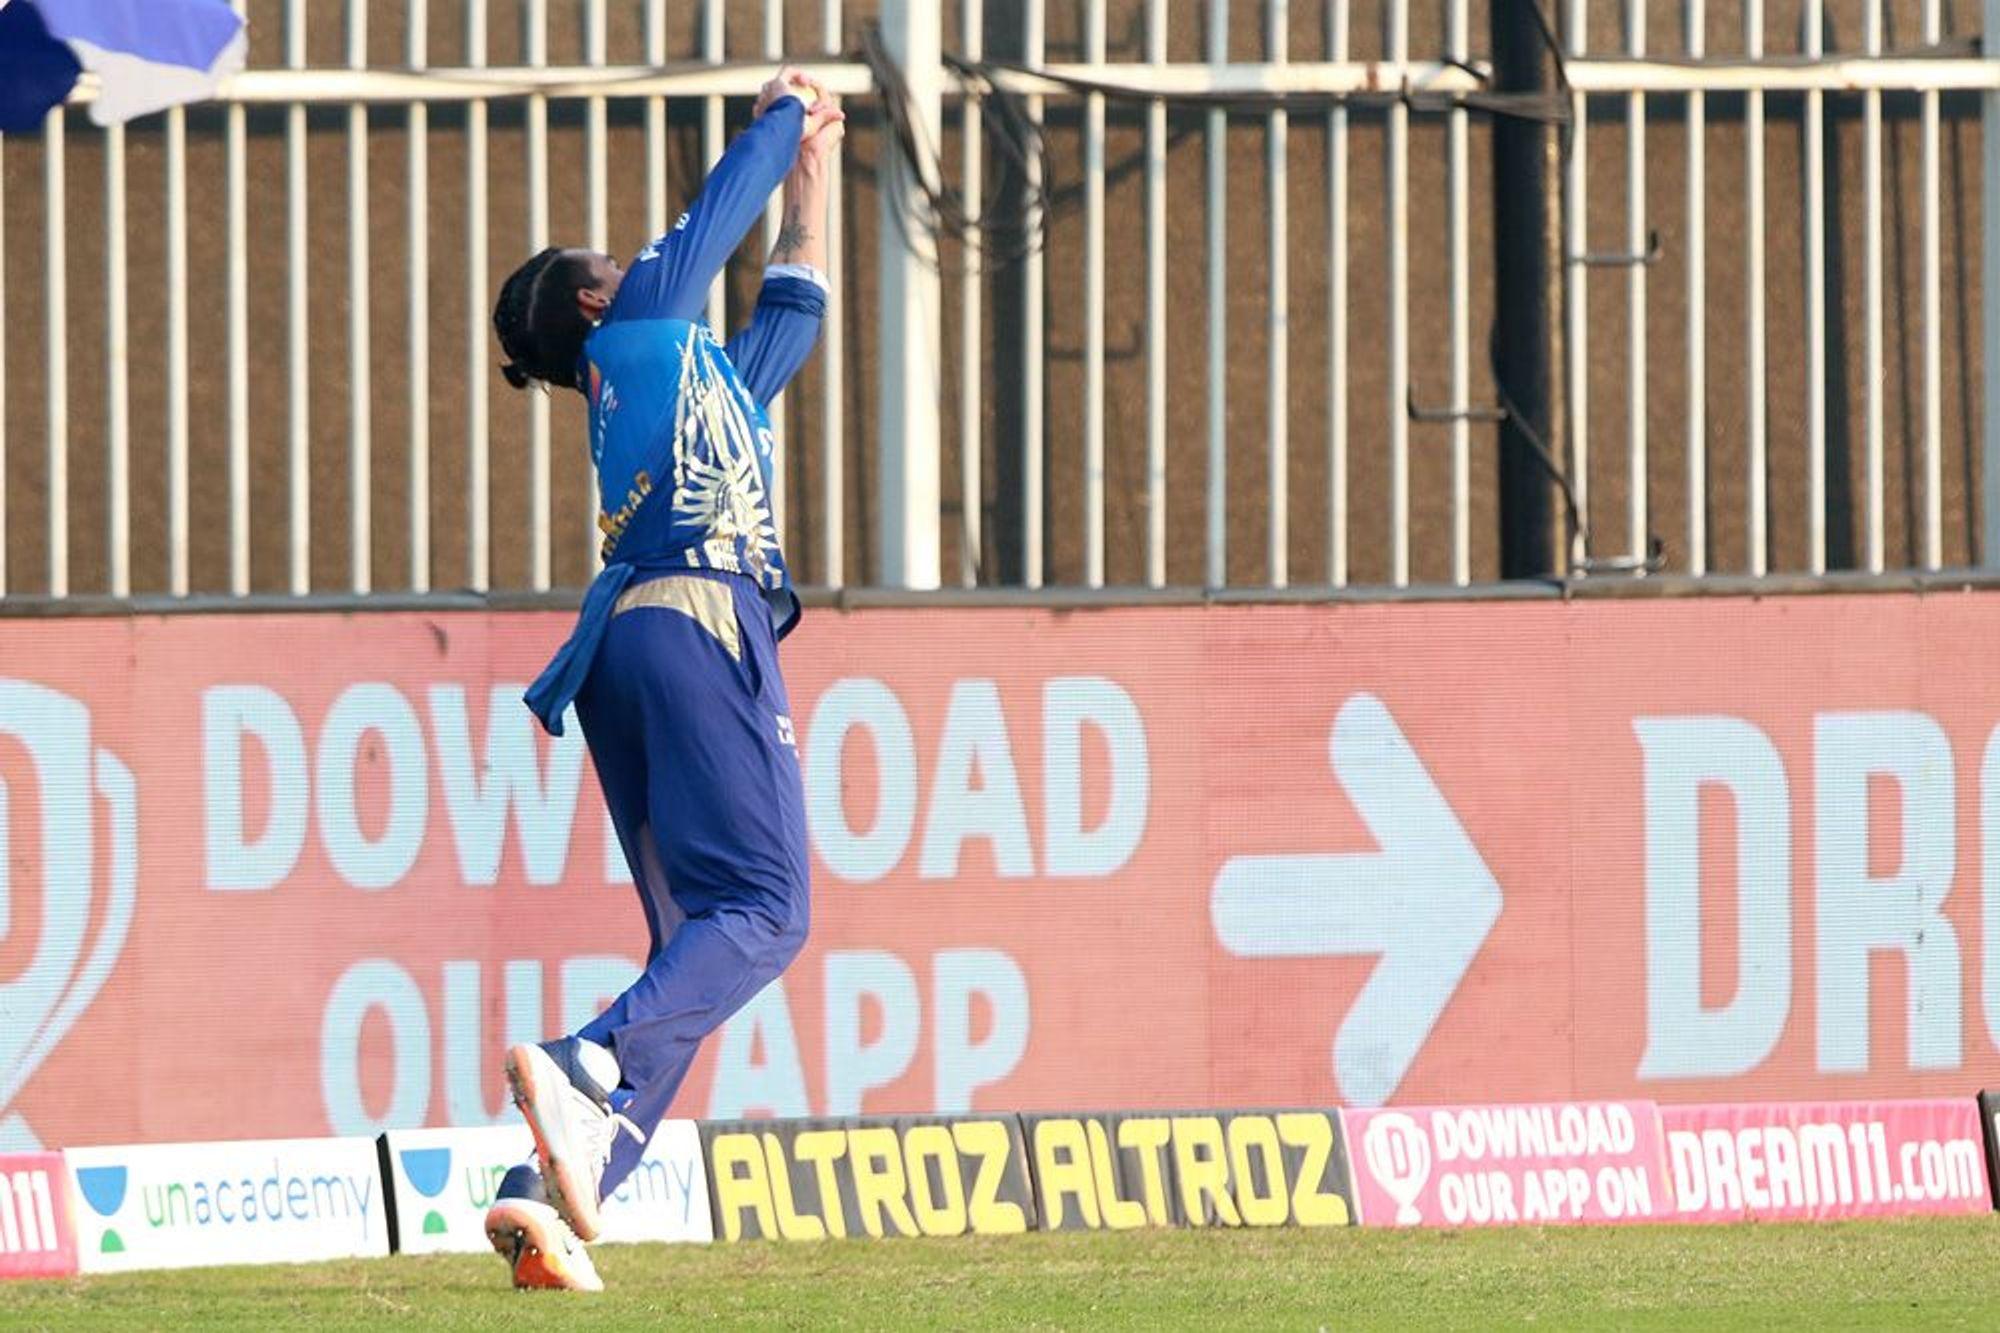 मुंबई के राहुल चाहर ने बाउंड्री पर हैदराबाद के प्रियम गर्ग का शानदार कैच पकड़ा।